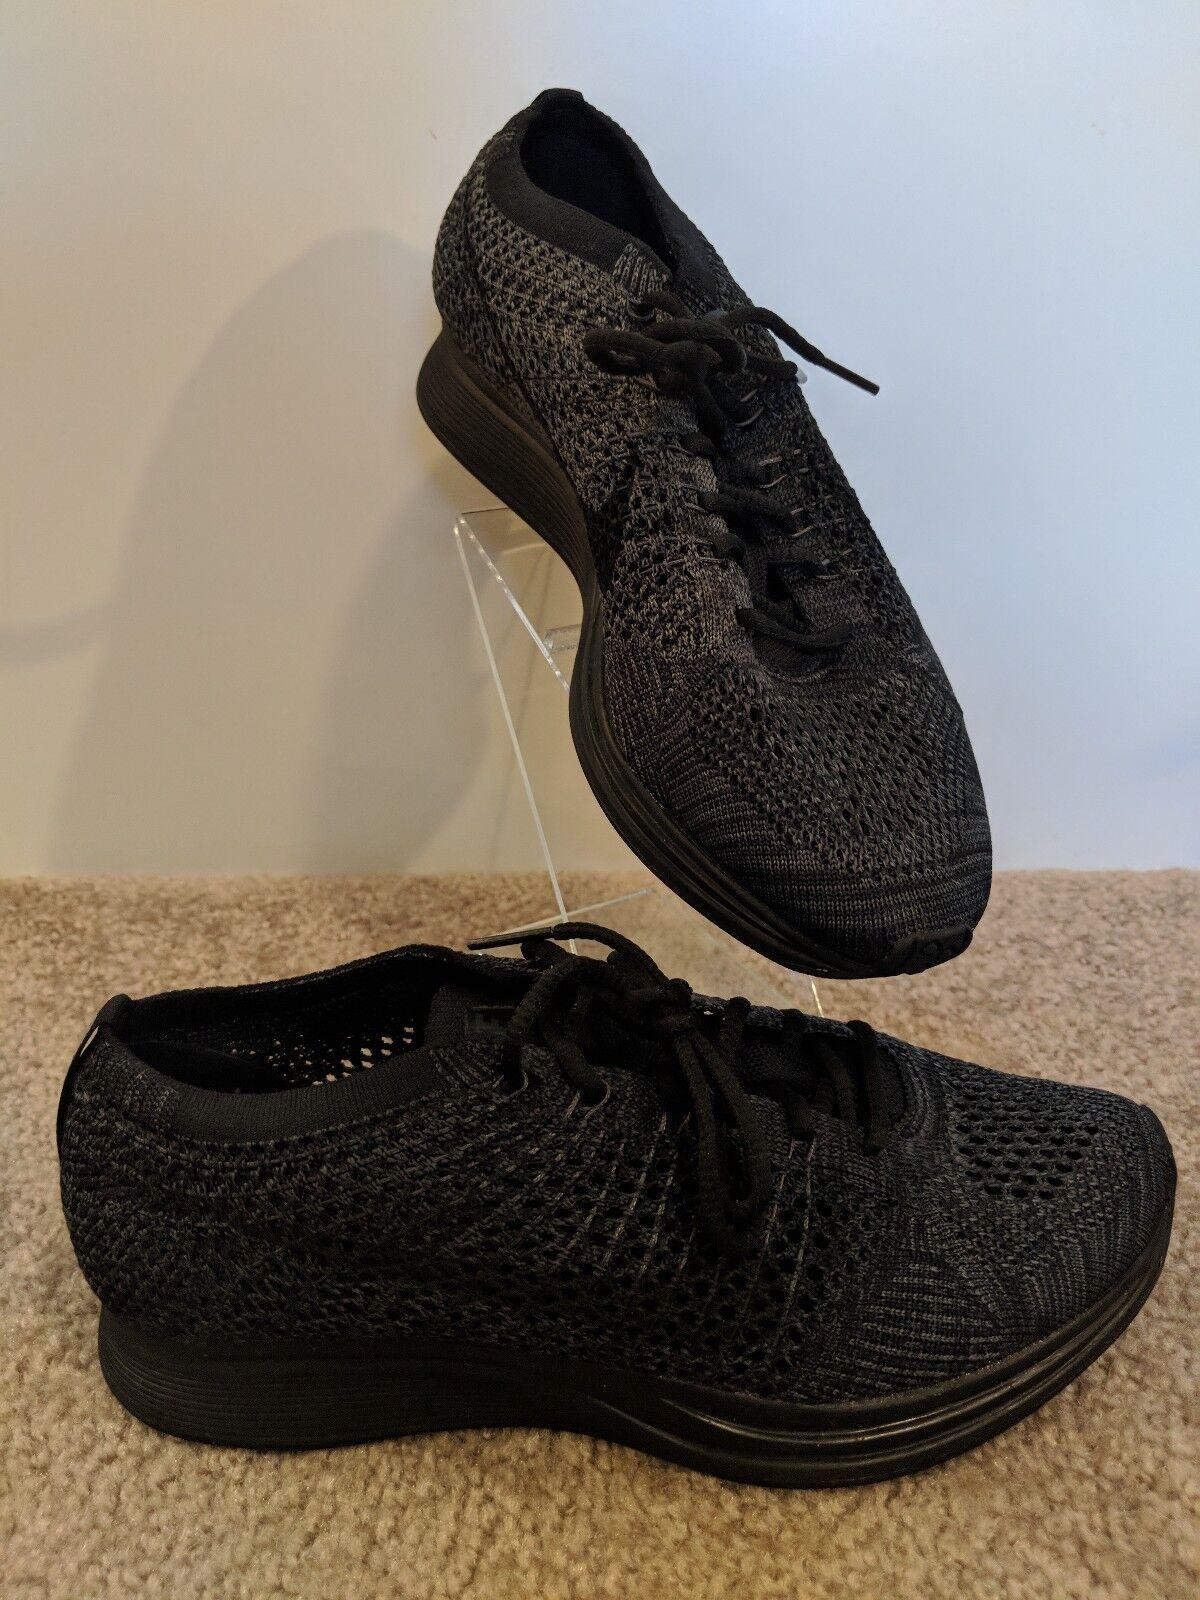 New Nike Flyknit Racer Triple Black Trainer 526628-009 Men's Sz 6.5Women's Sz 8